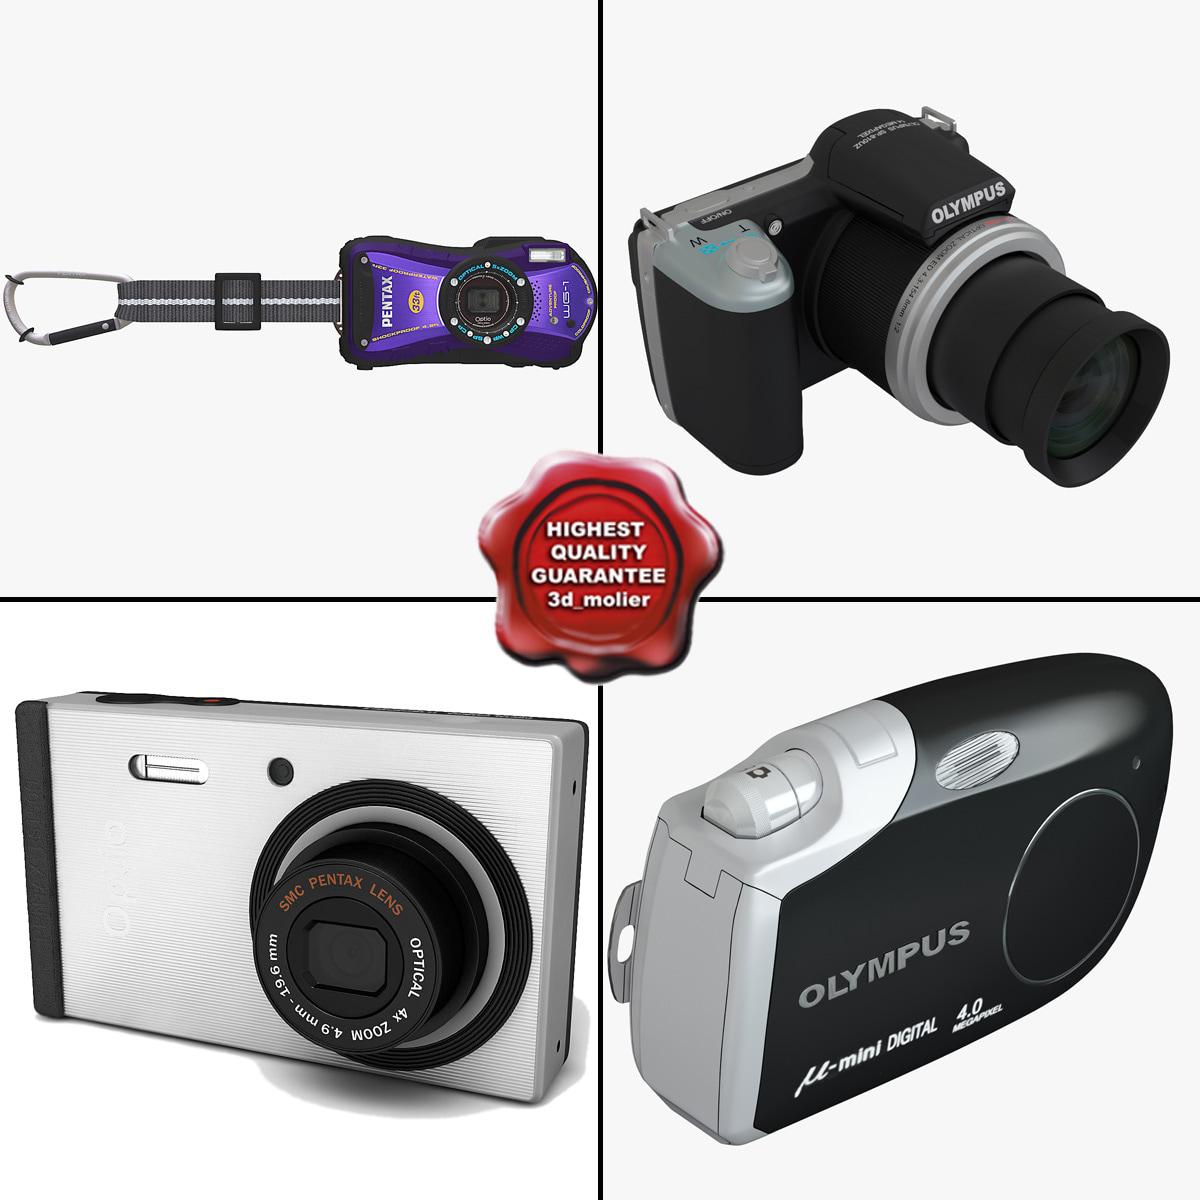 Digital_Cameras_Collection_V10_000.jpg